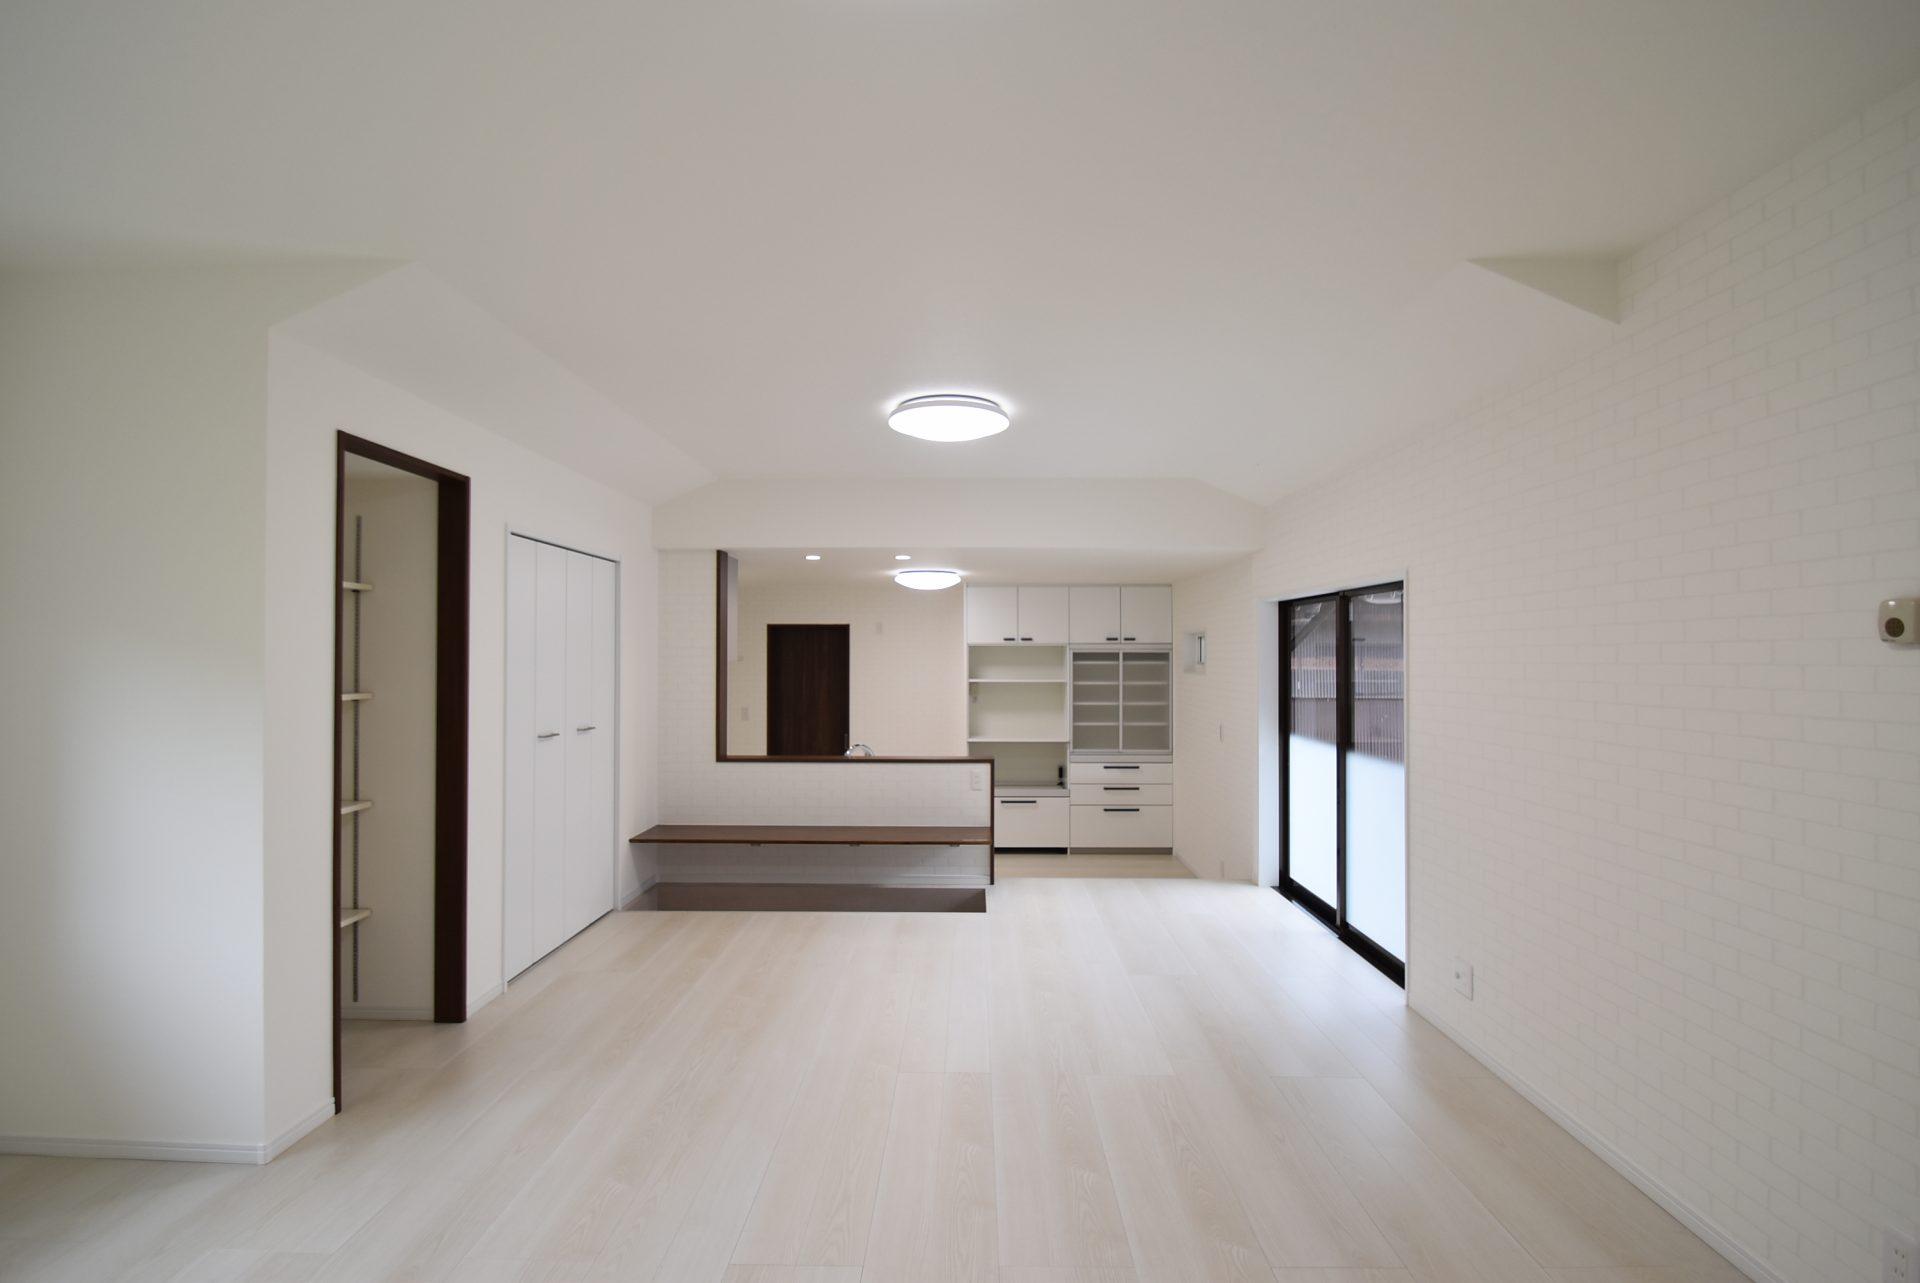 ①リビング~奥側の開き戸を取り払い、対面キッチンにして広い一室へ。